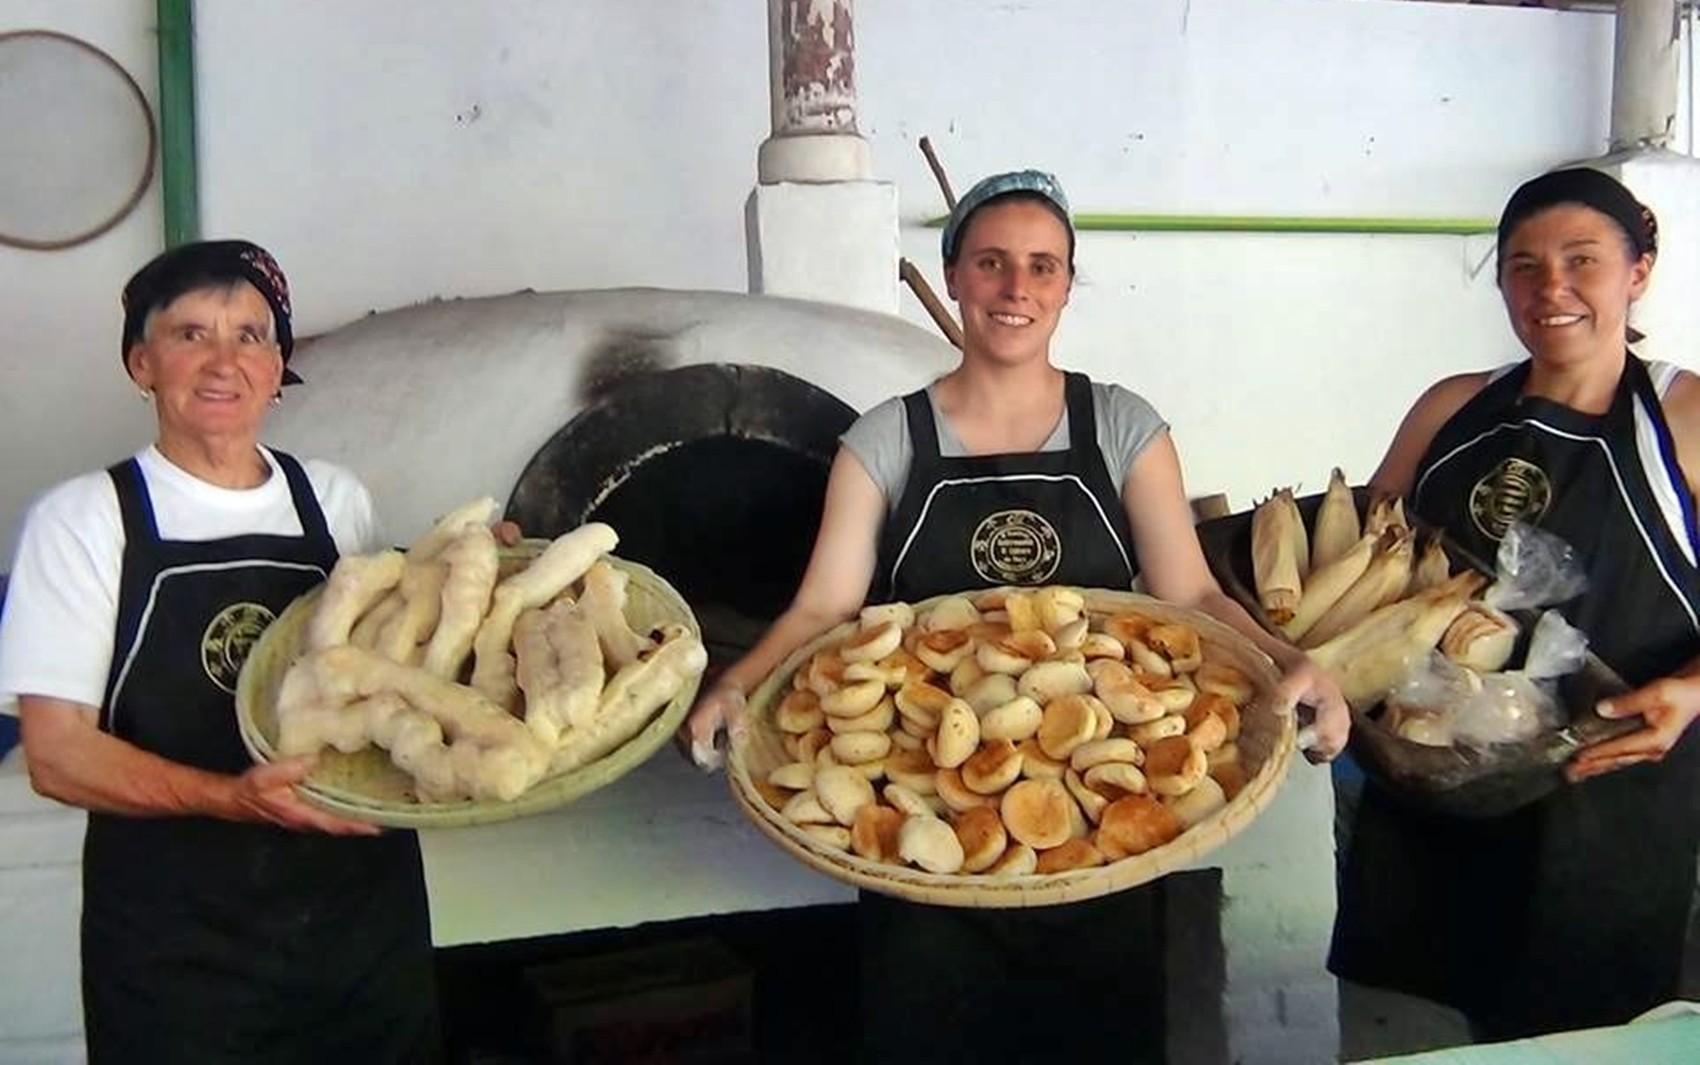 Para Jornada do Patrimônio Cultural, quituteiras ensinam receitas em Gonçalves, MG  - Notícias - Plantão Diário